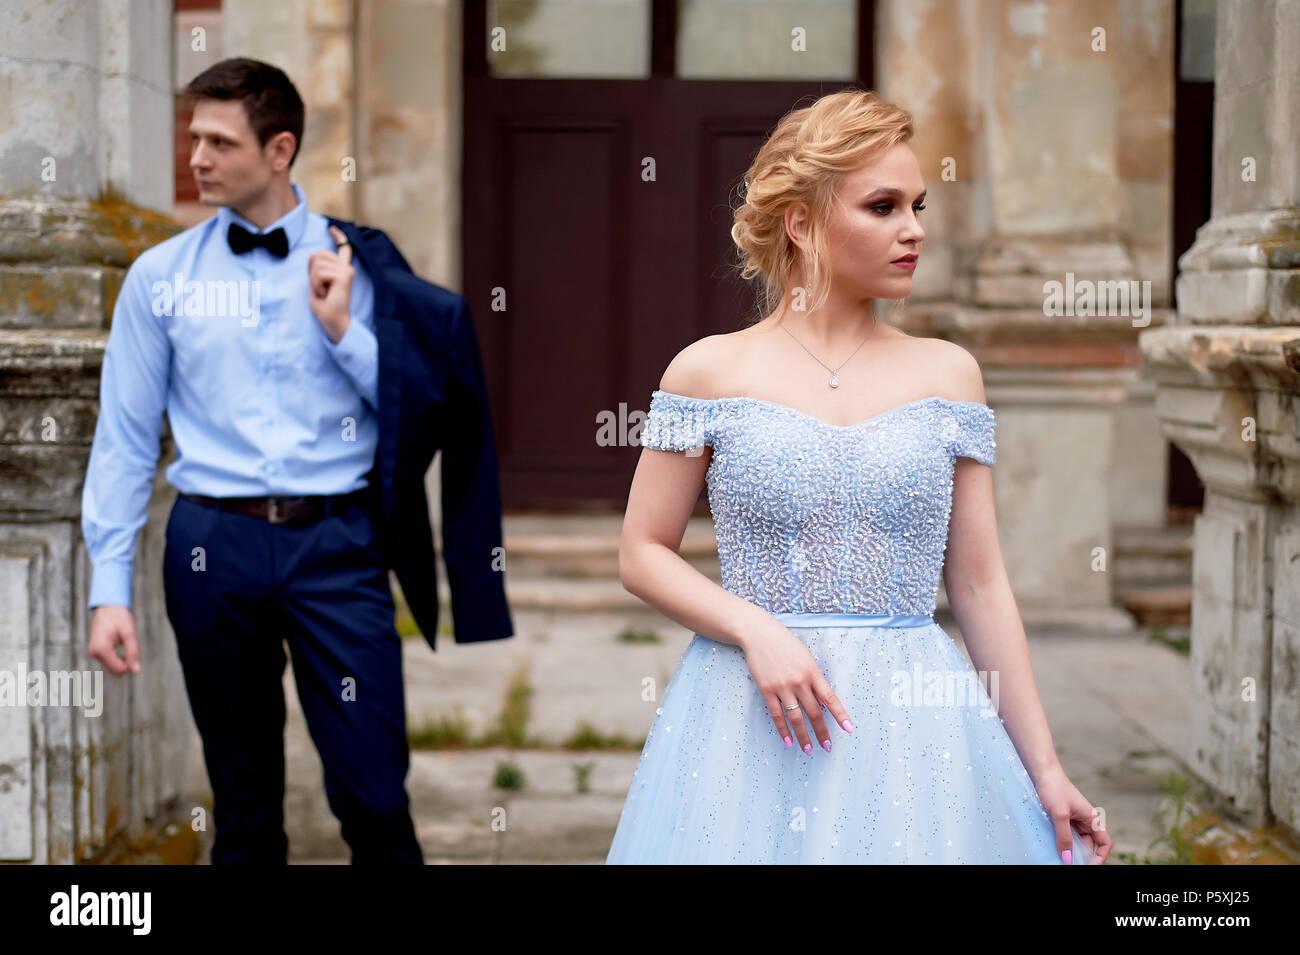 Braut und Bräutigam auf dem Hintergrund eines alten Immobilien. Klassische Hochzeit. Hochzeit gehen und Fotoshooting Stockbild